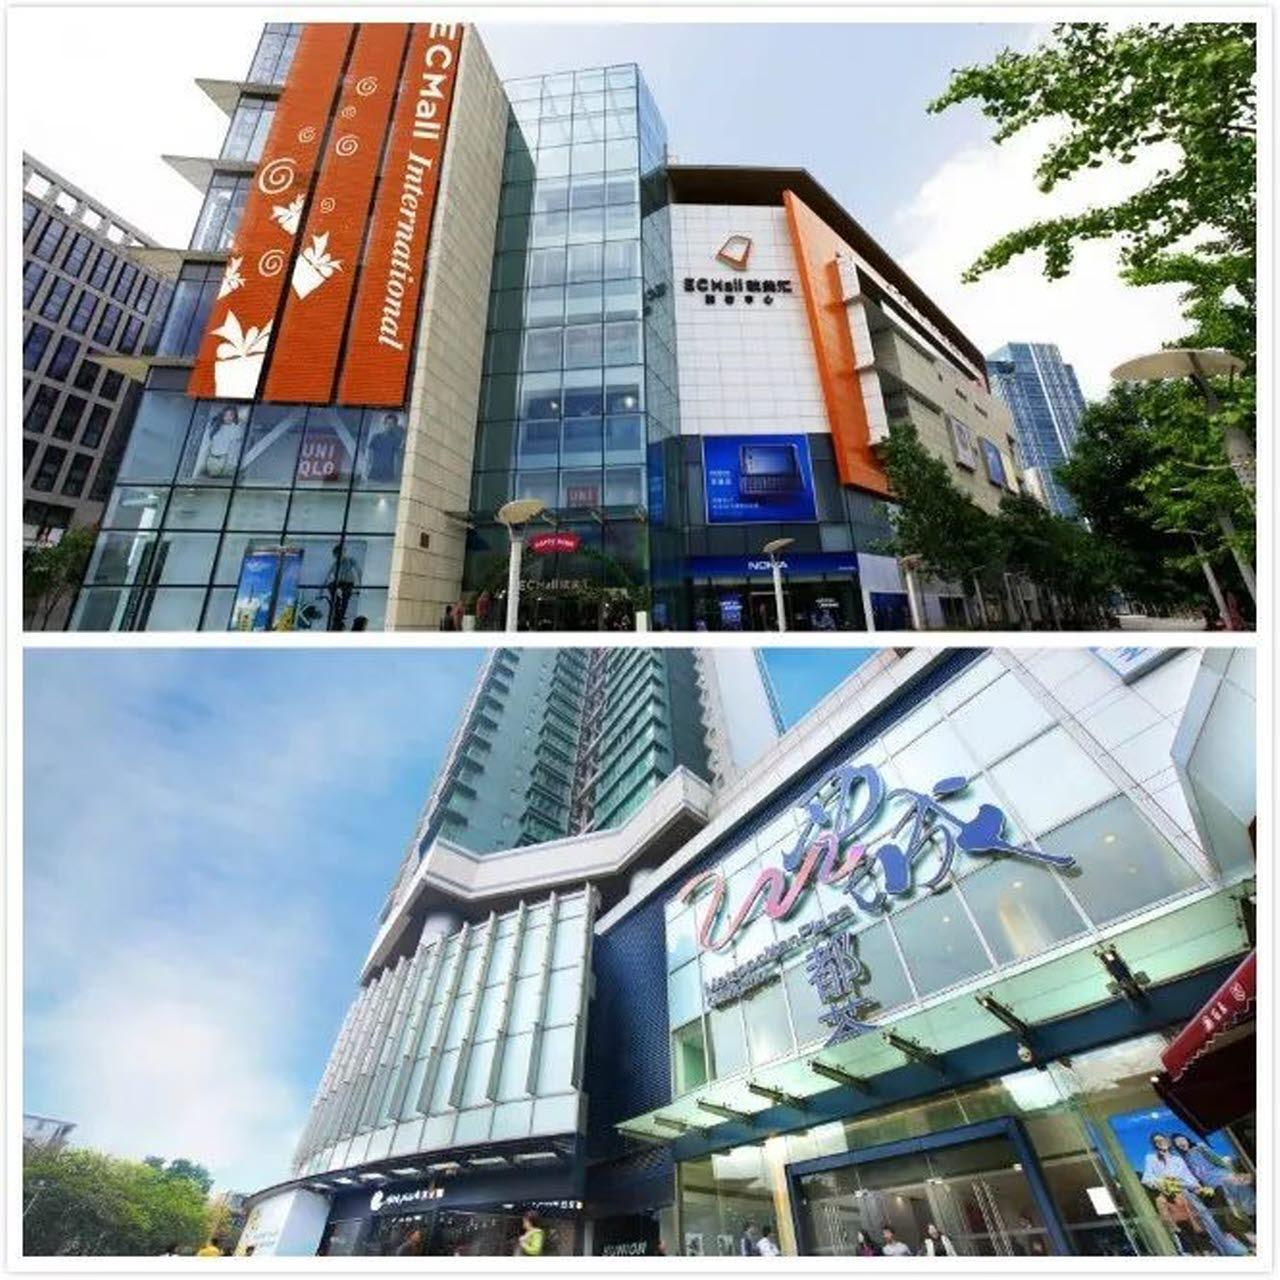 tianjin-world-urban-economic-summit-3